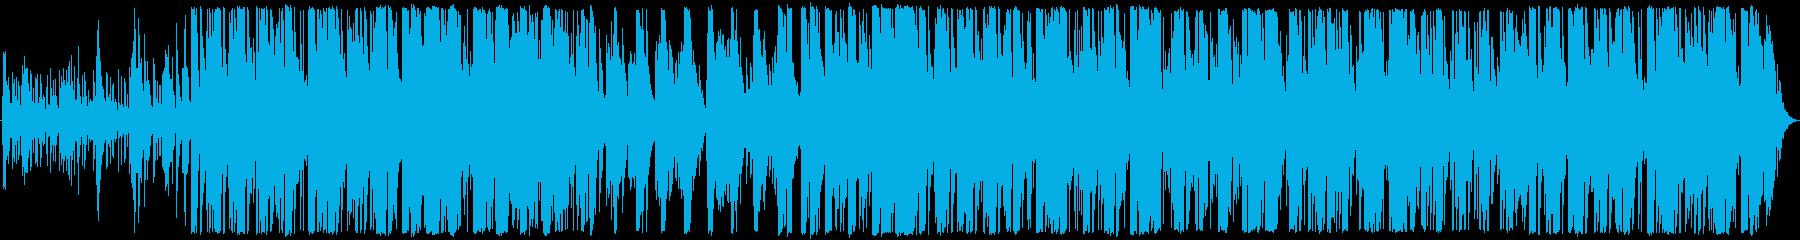 明るいピアノのリラックスしたメロディーの再生済みの波形